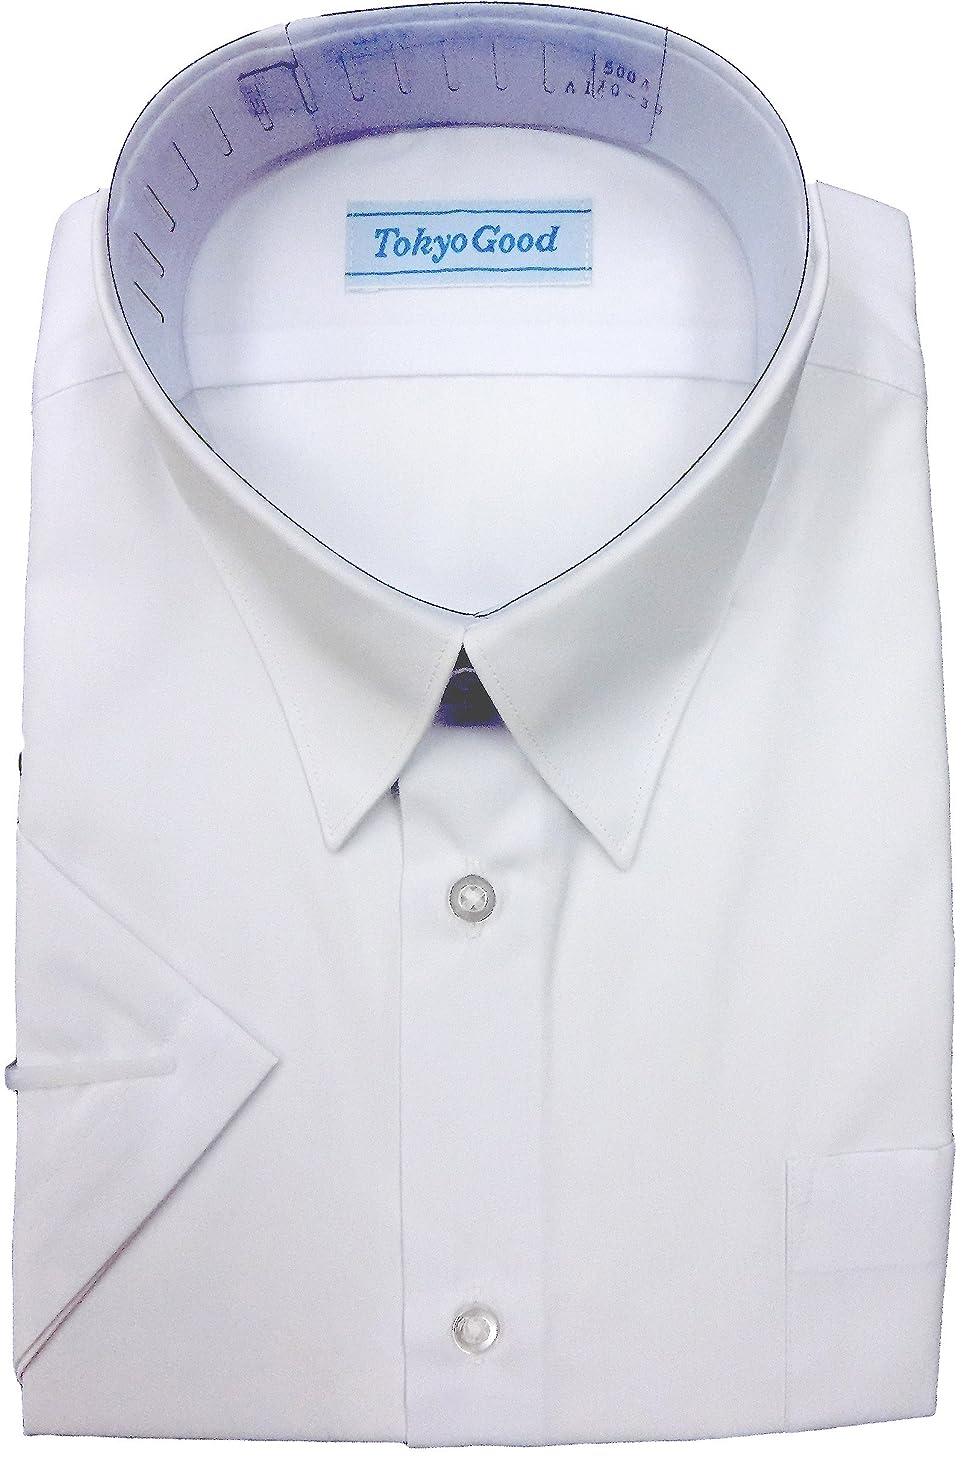 ヒールショートトレーススクール Yシャツ 男子ワイシャツ 学生 A体 B体 長袖 半袖 形態安定 抗菌 防臭 衿袖専用洗剤プレゼント